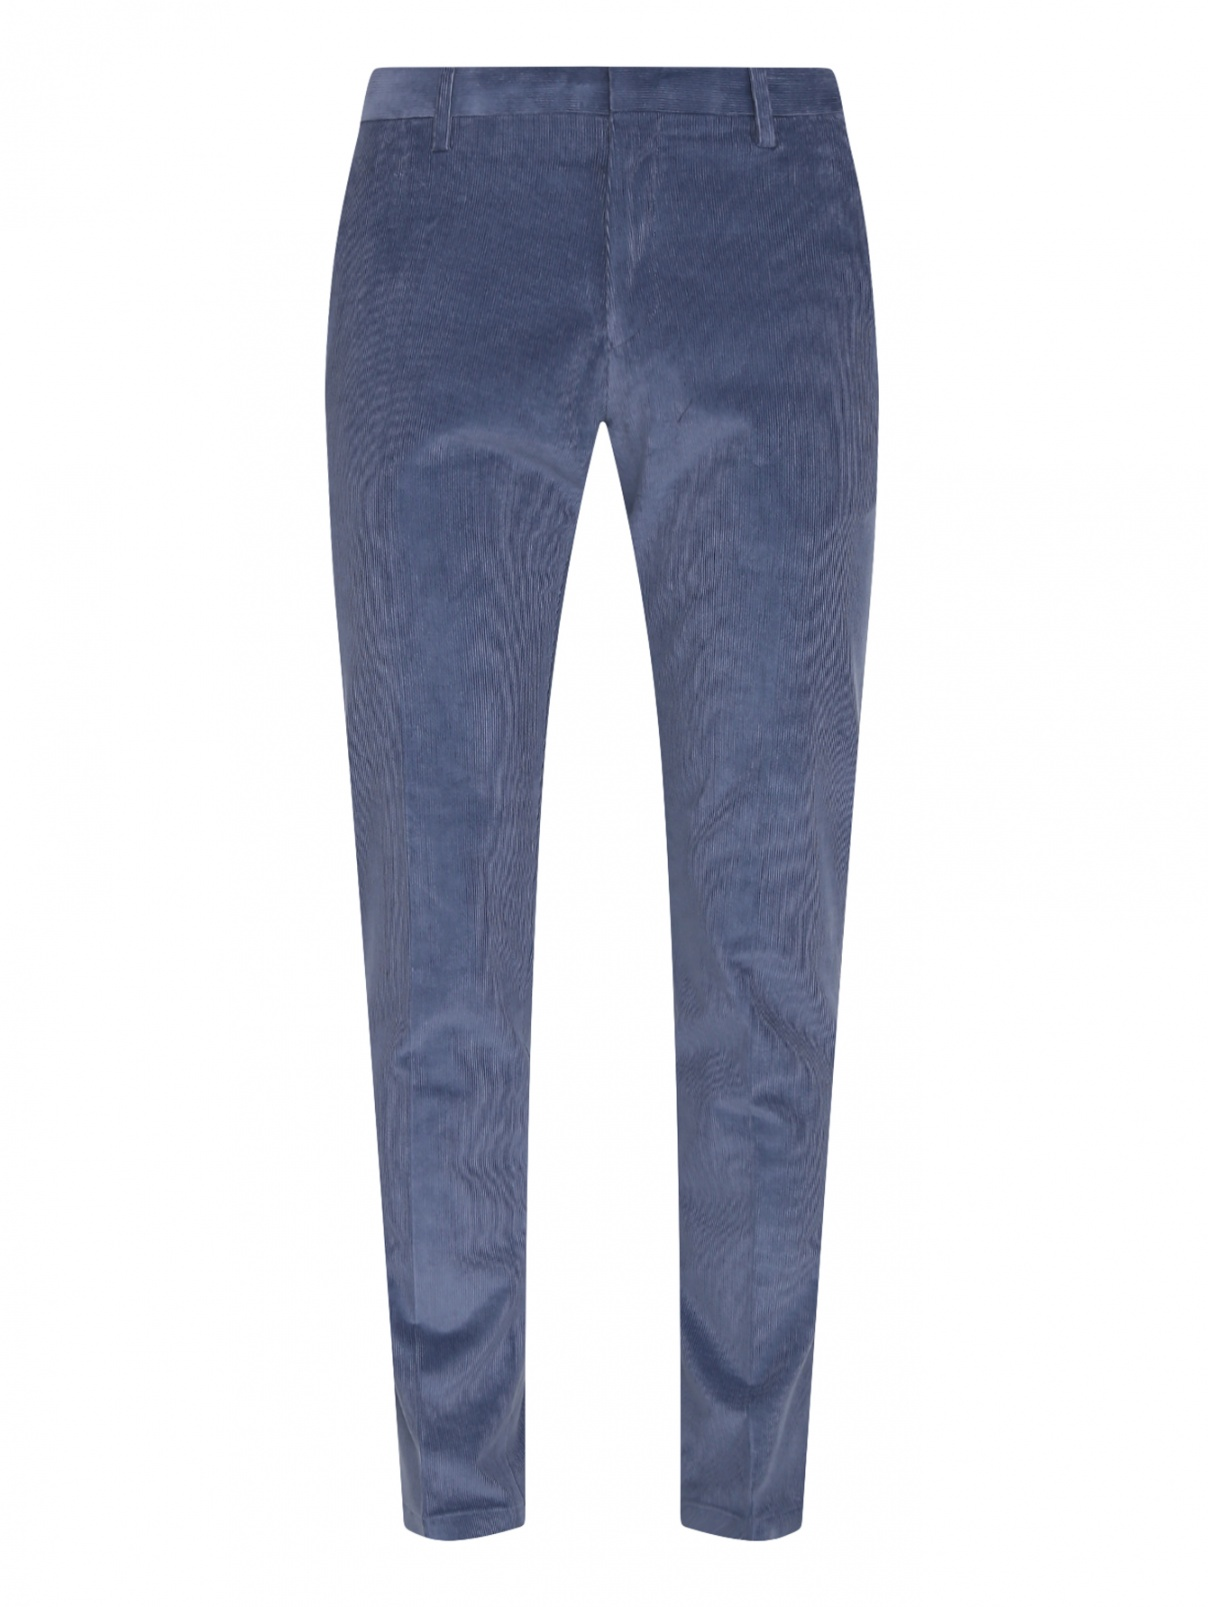 Классические брюки из хлопка Paul Smith  –  Общий вид  – Цвет:  Синий